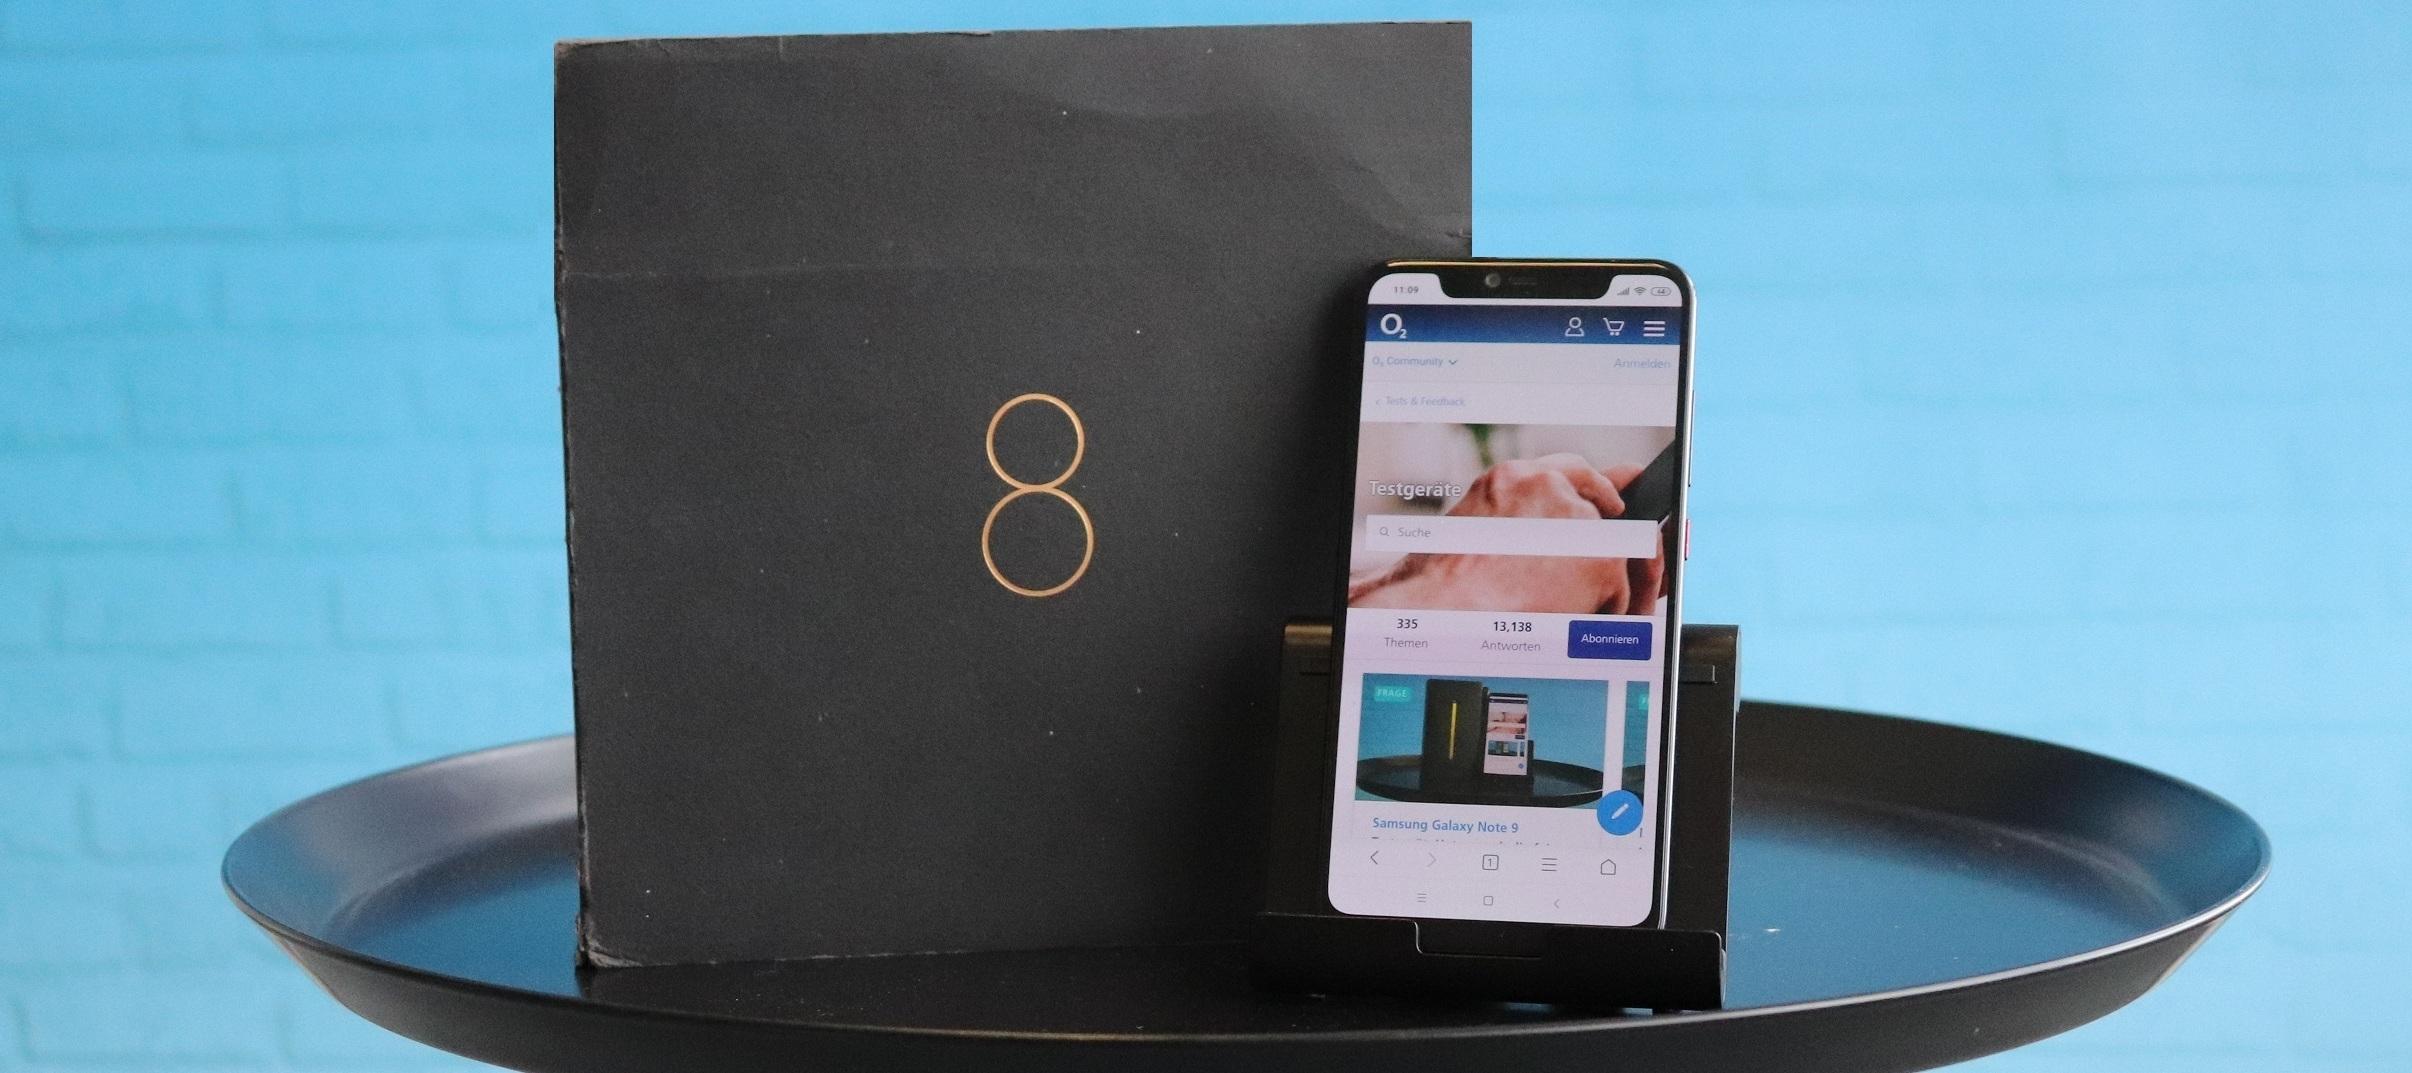 Xiaomi Mi 8 Explorer Testgerät: Wir suchen dich als Smartphone-Tester/in! Bewirb dich jetzt!